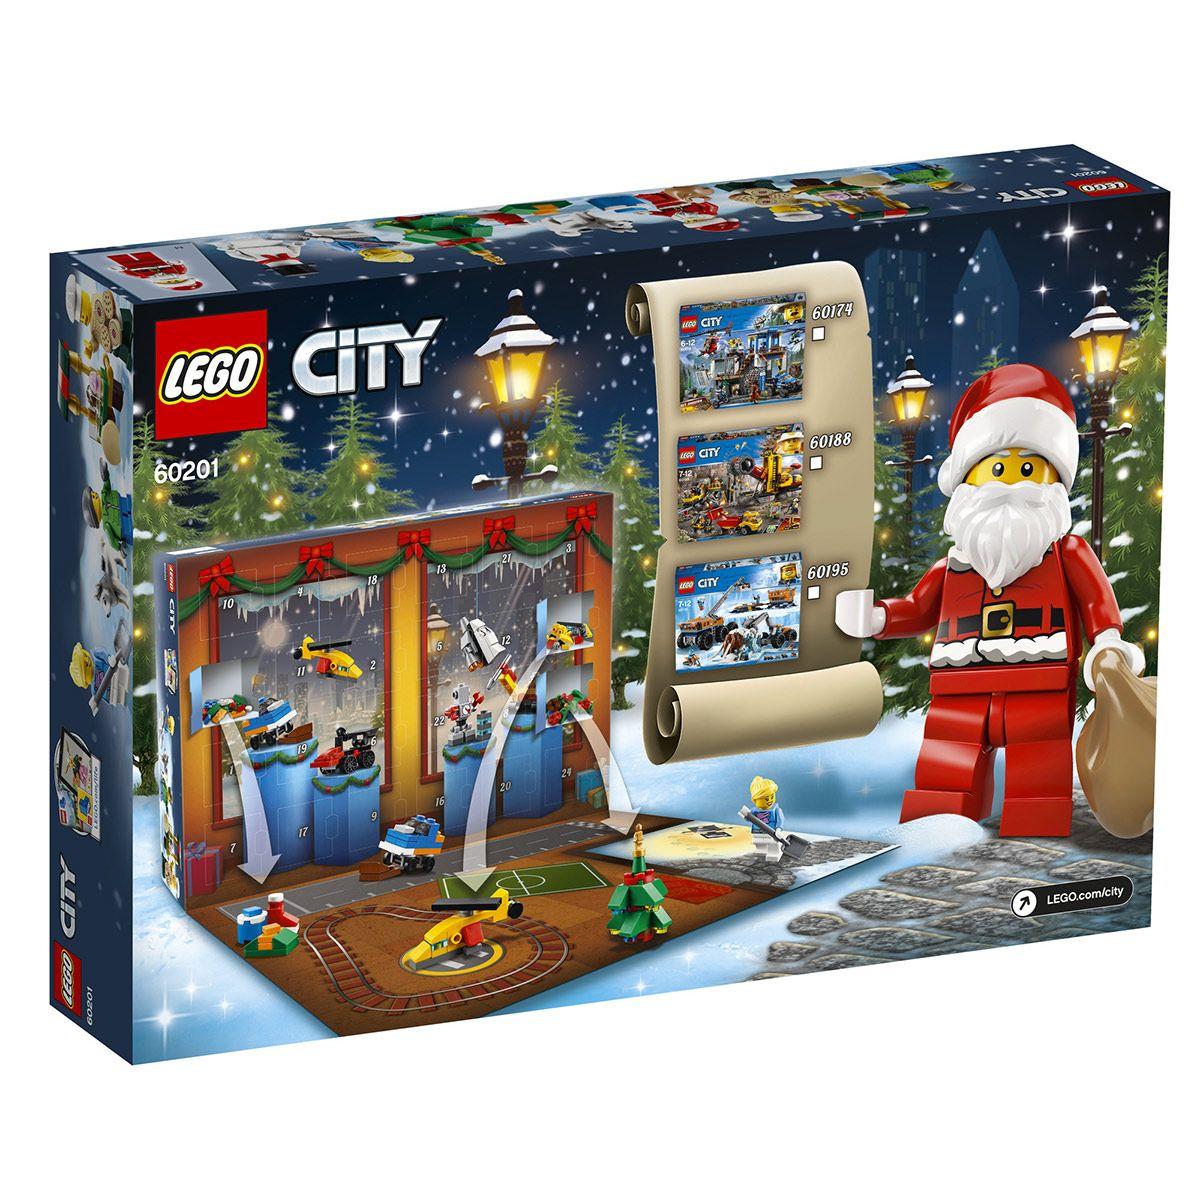 Lego Calendrier.Calendrier De L Avent Lego City 60201 Jeux De Construction